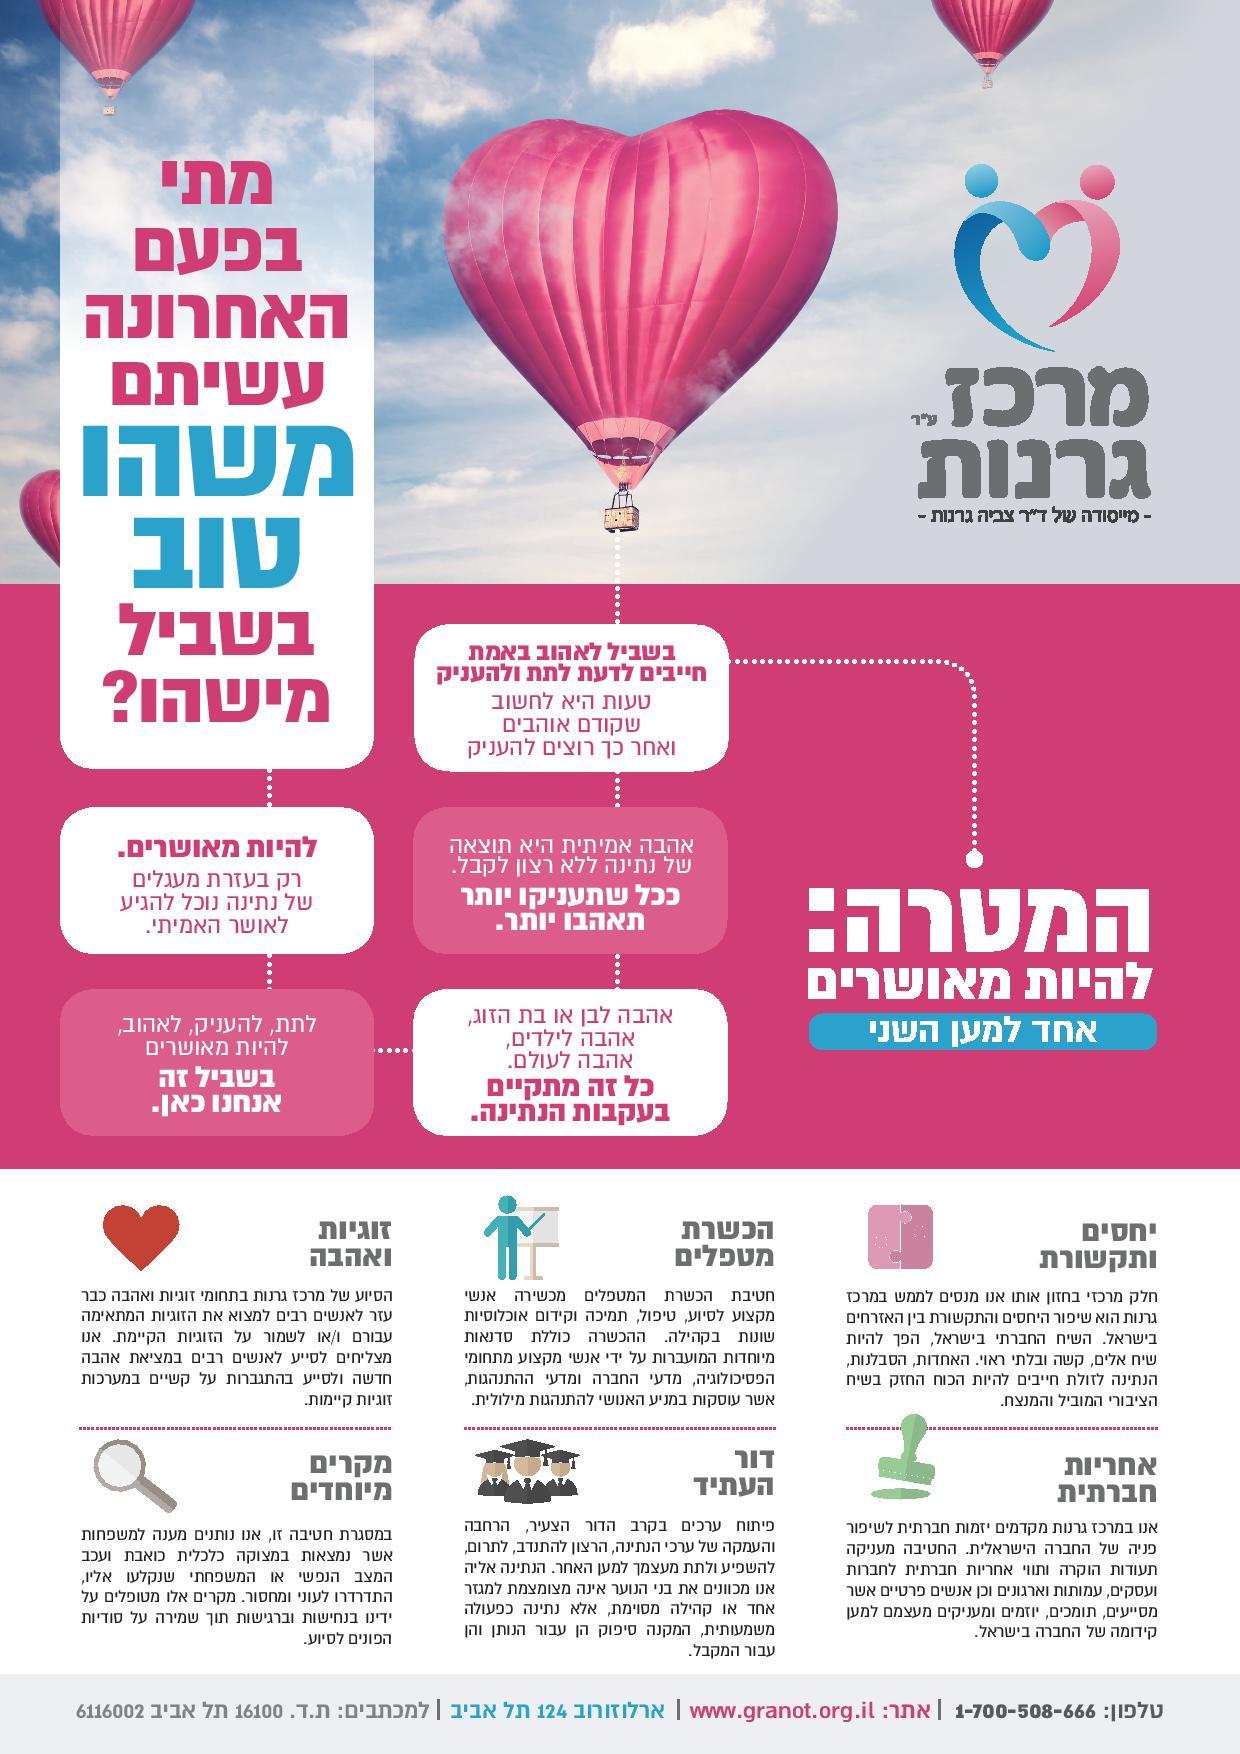 הצטרפו אלינו לשינוי פני החברה הישראלית